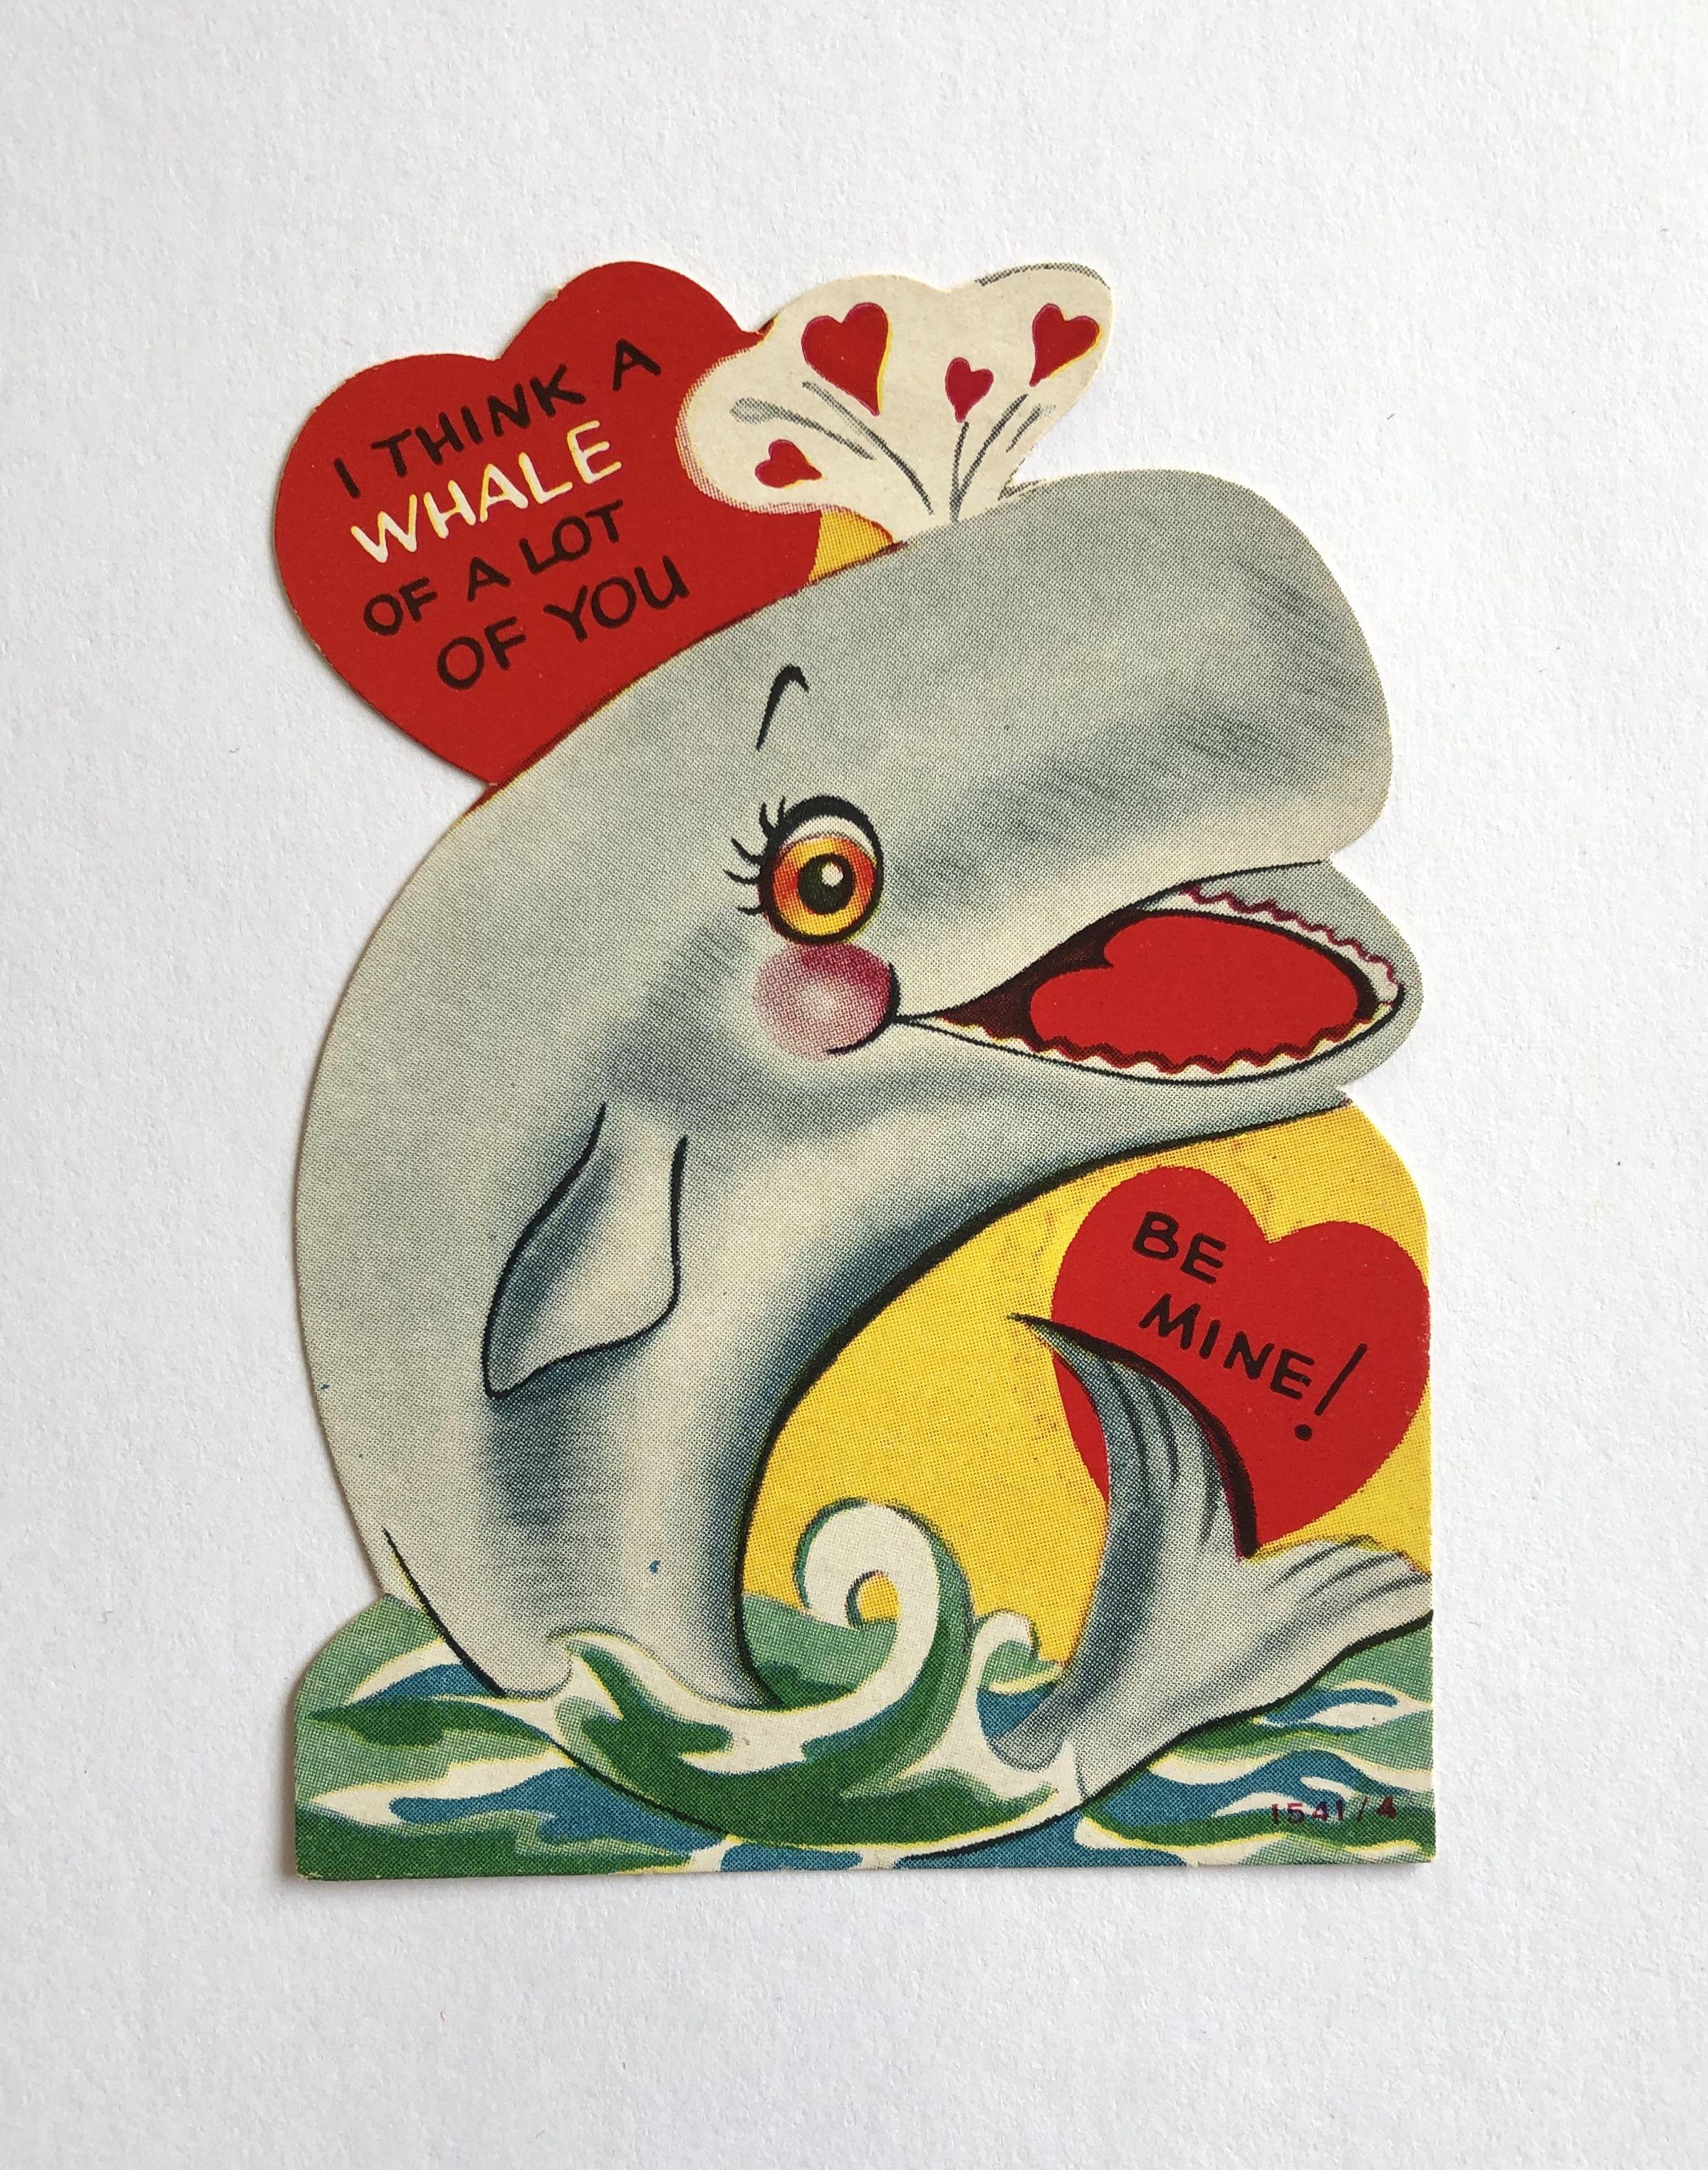 pingretchen michael allen on vintage valentines in